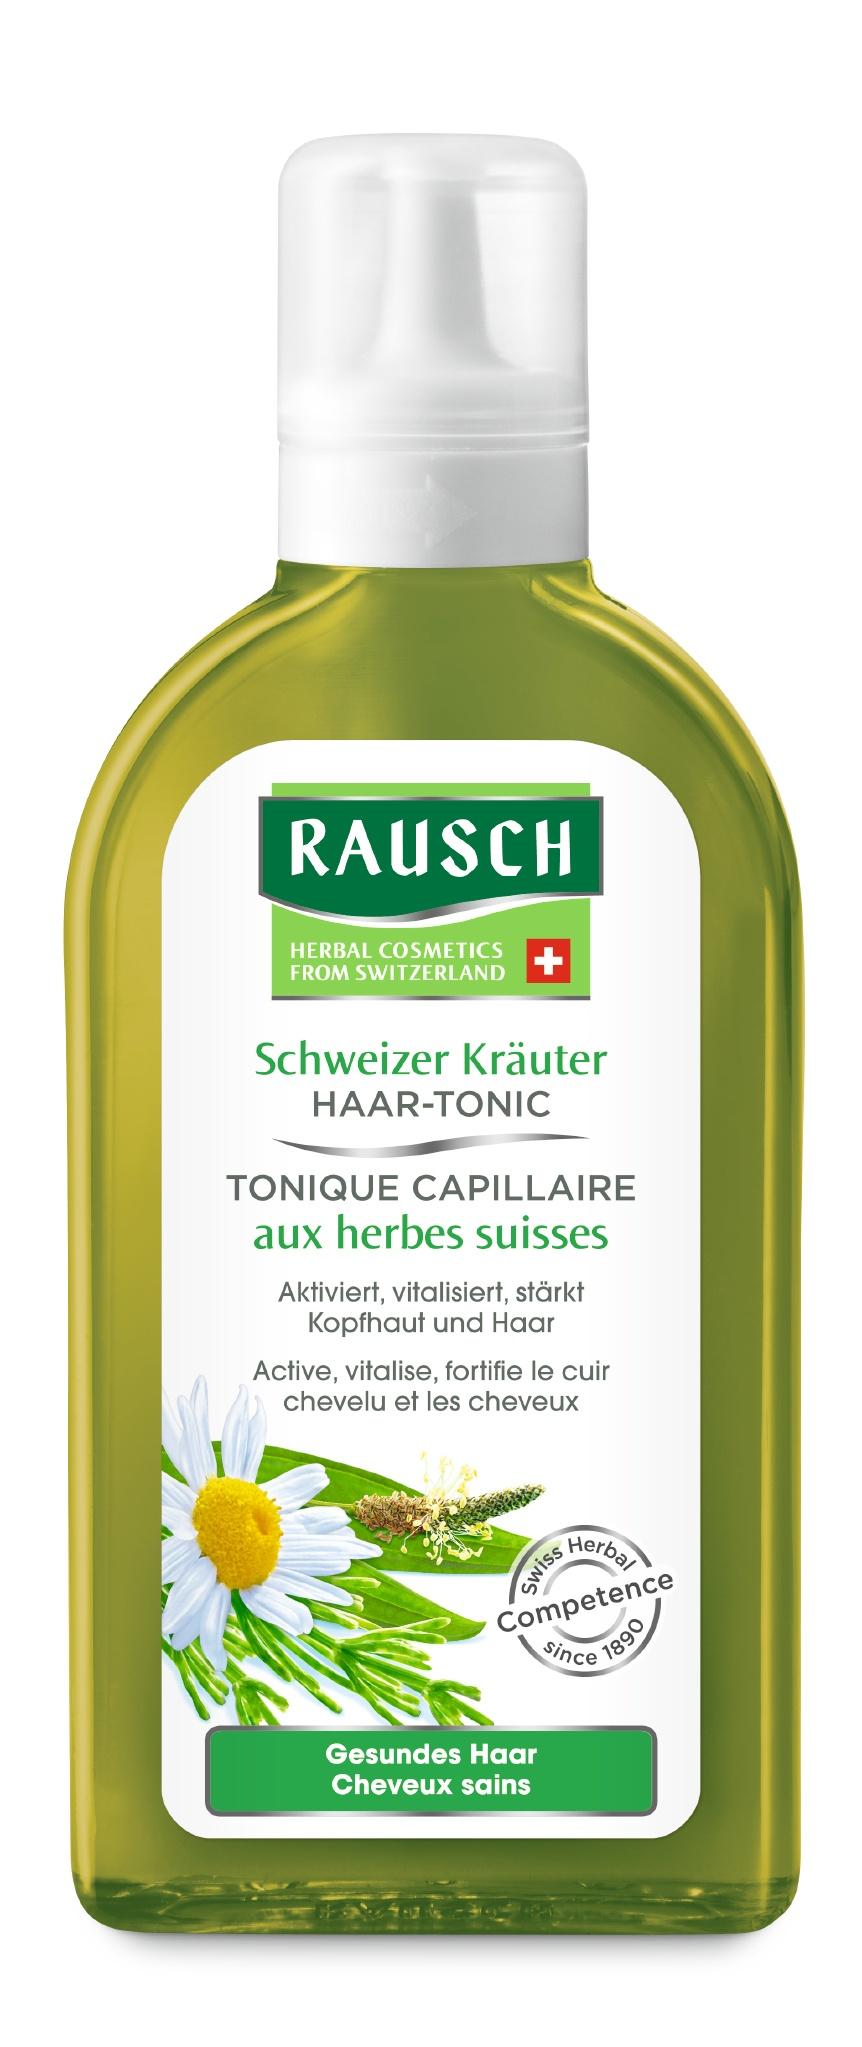 Rausch Swiss Herbal Hair Tonic For Healthy Hair 200mL